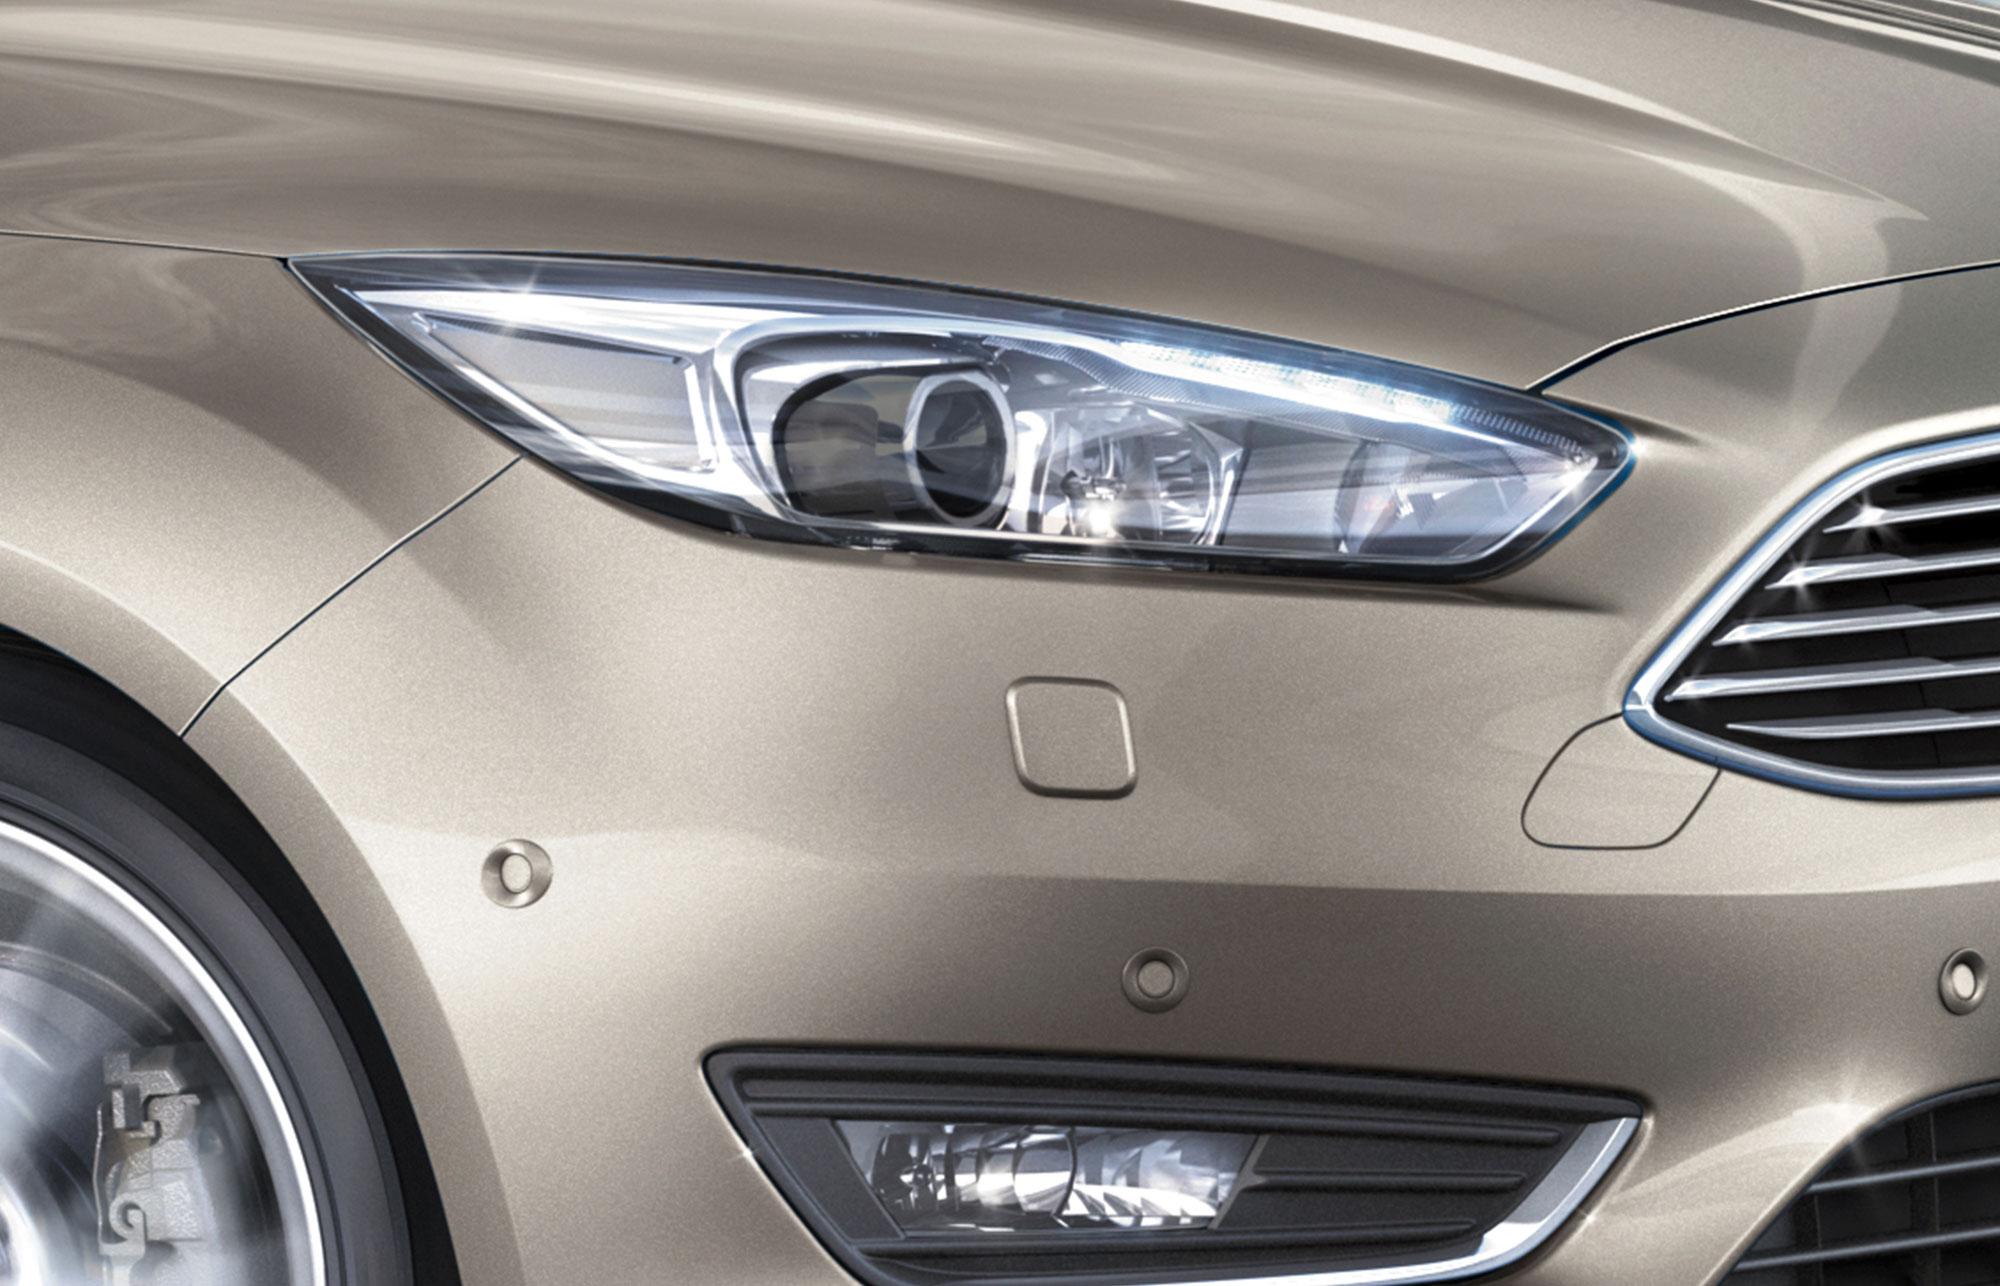 Ford Focus Zubehör   Settelen Autohandels AG   Basel